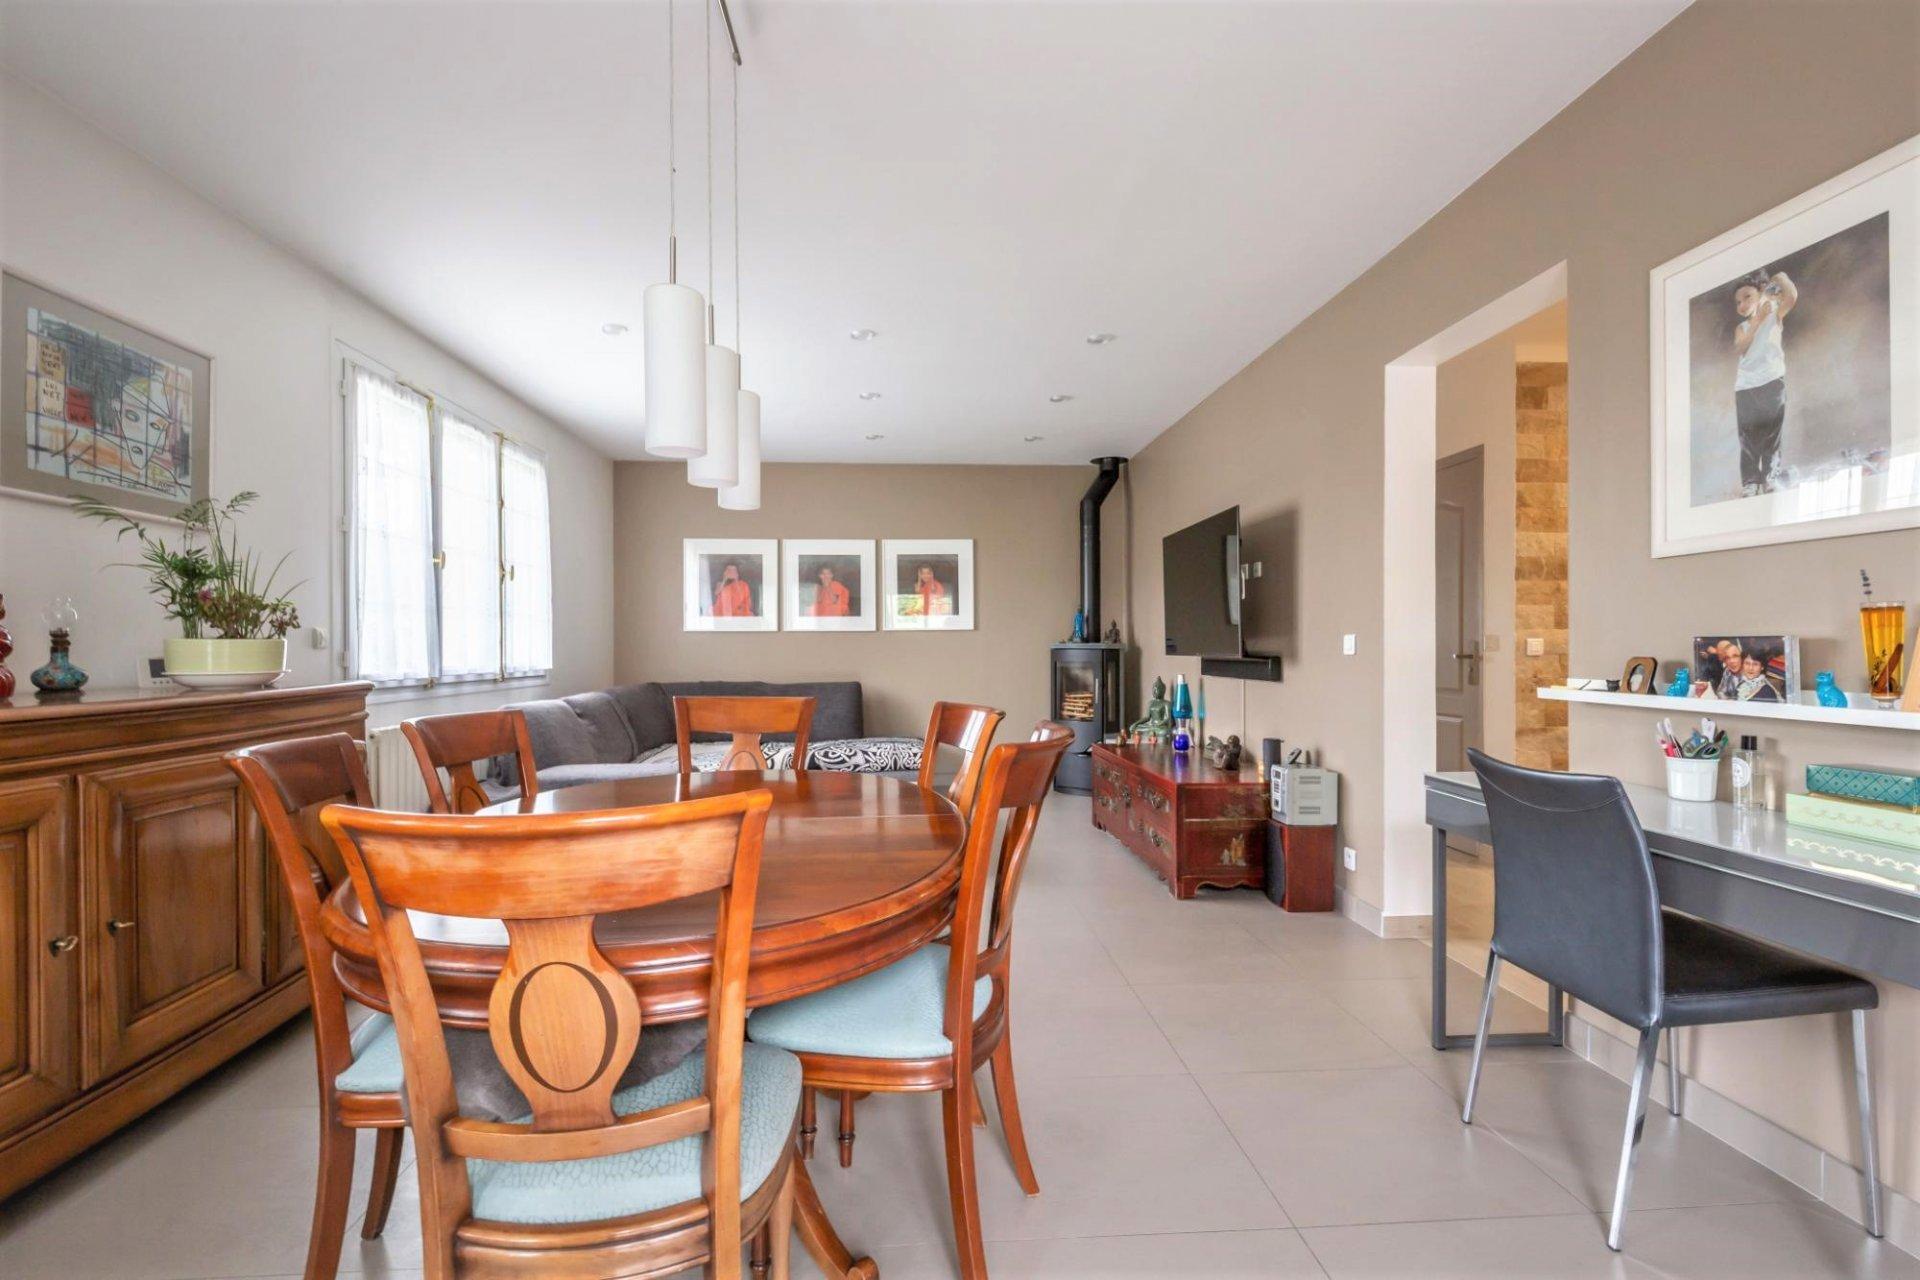 Maison 6 pièces 150 m² 4 chambres face Marne